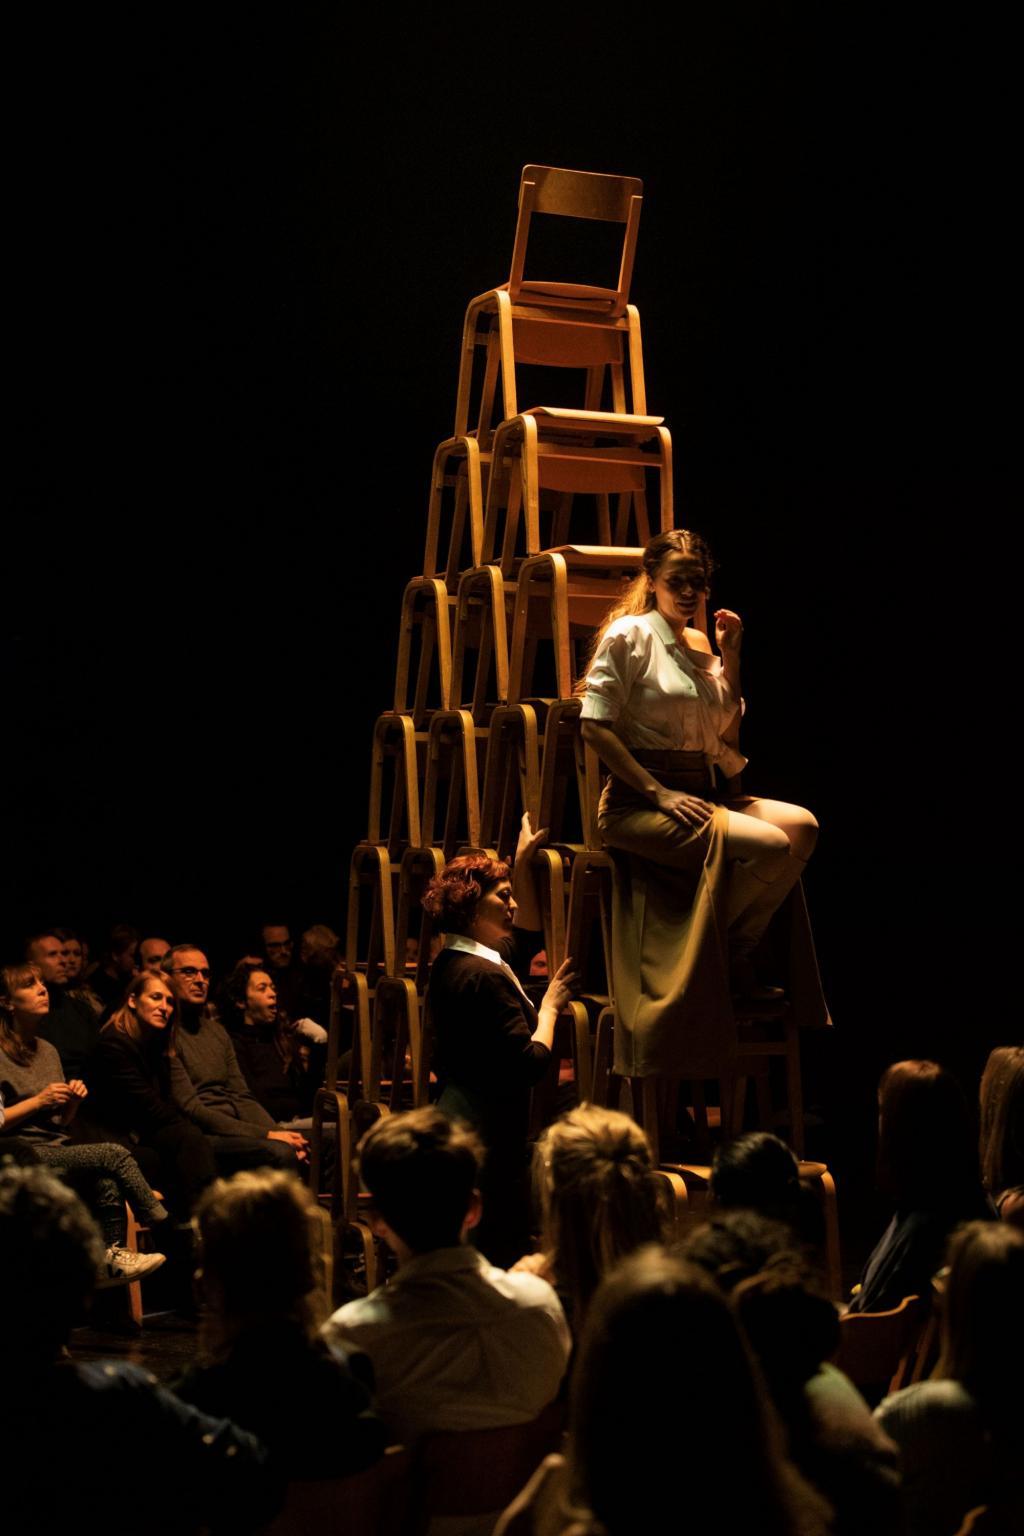 Een veeleisende stoelendans